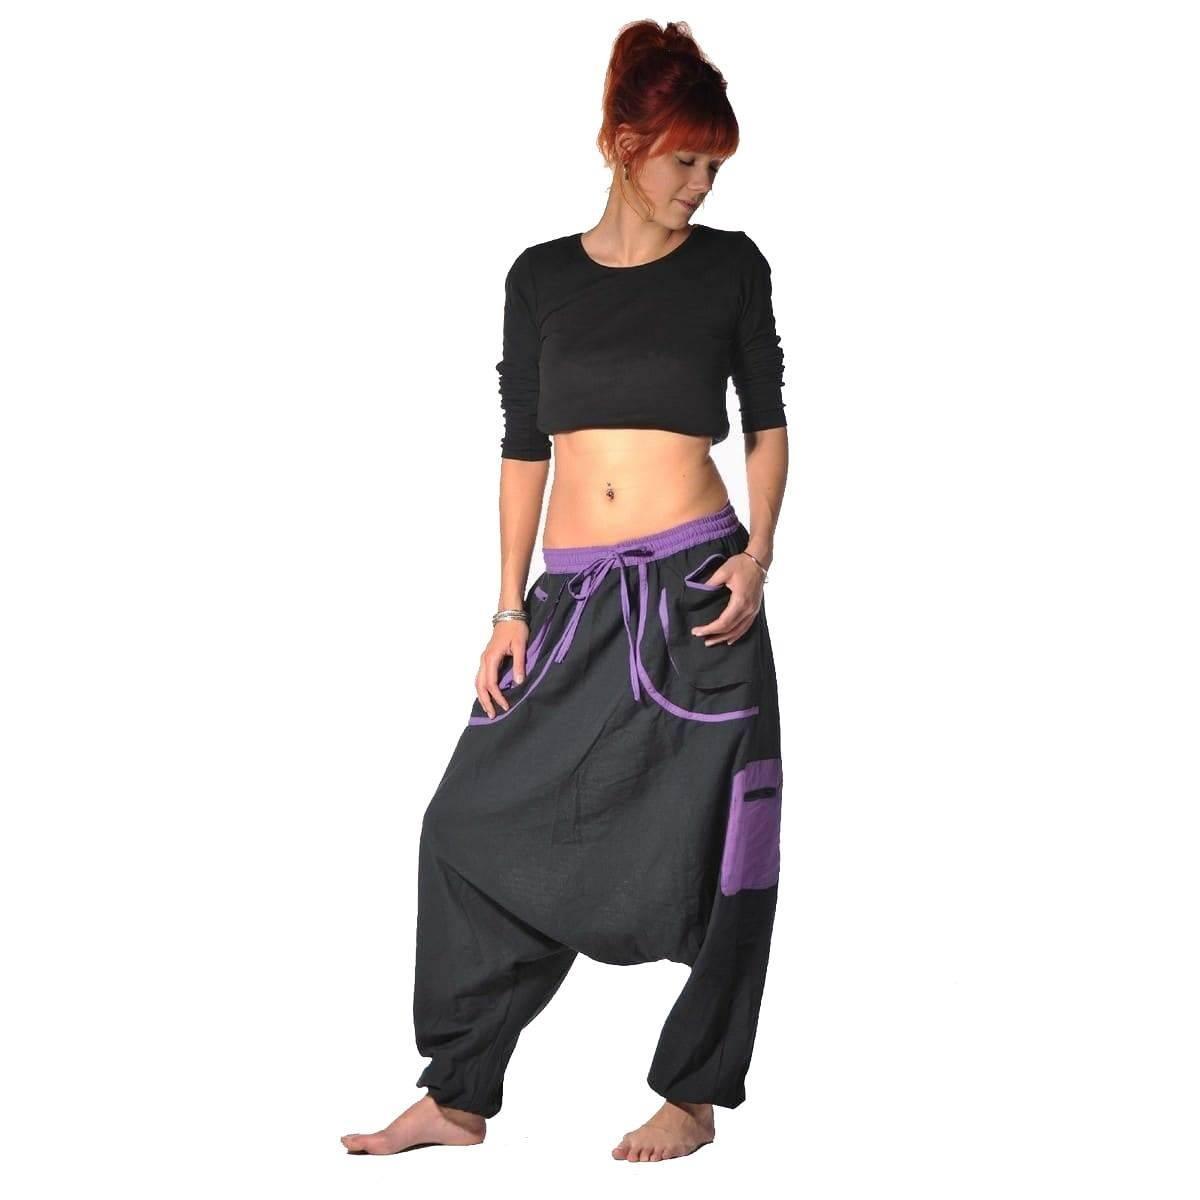 Pantalones Bombachos Pantalon Aladino Yoga Goa Sarouel Baggy Ocio Dewa Ebay